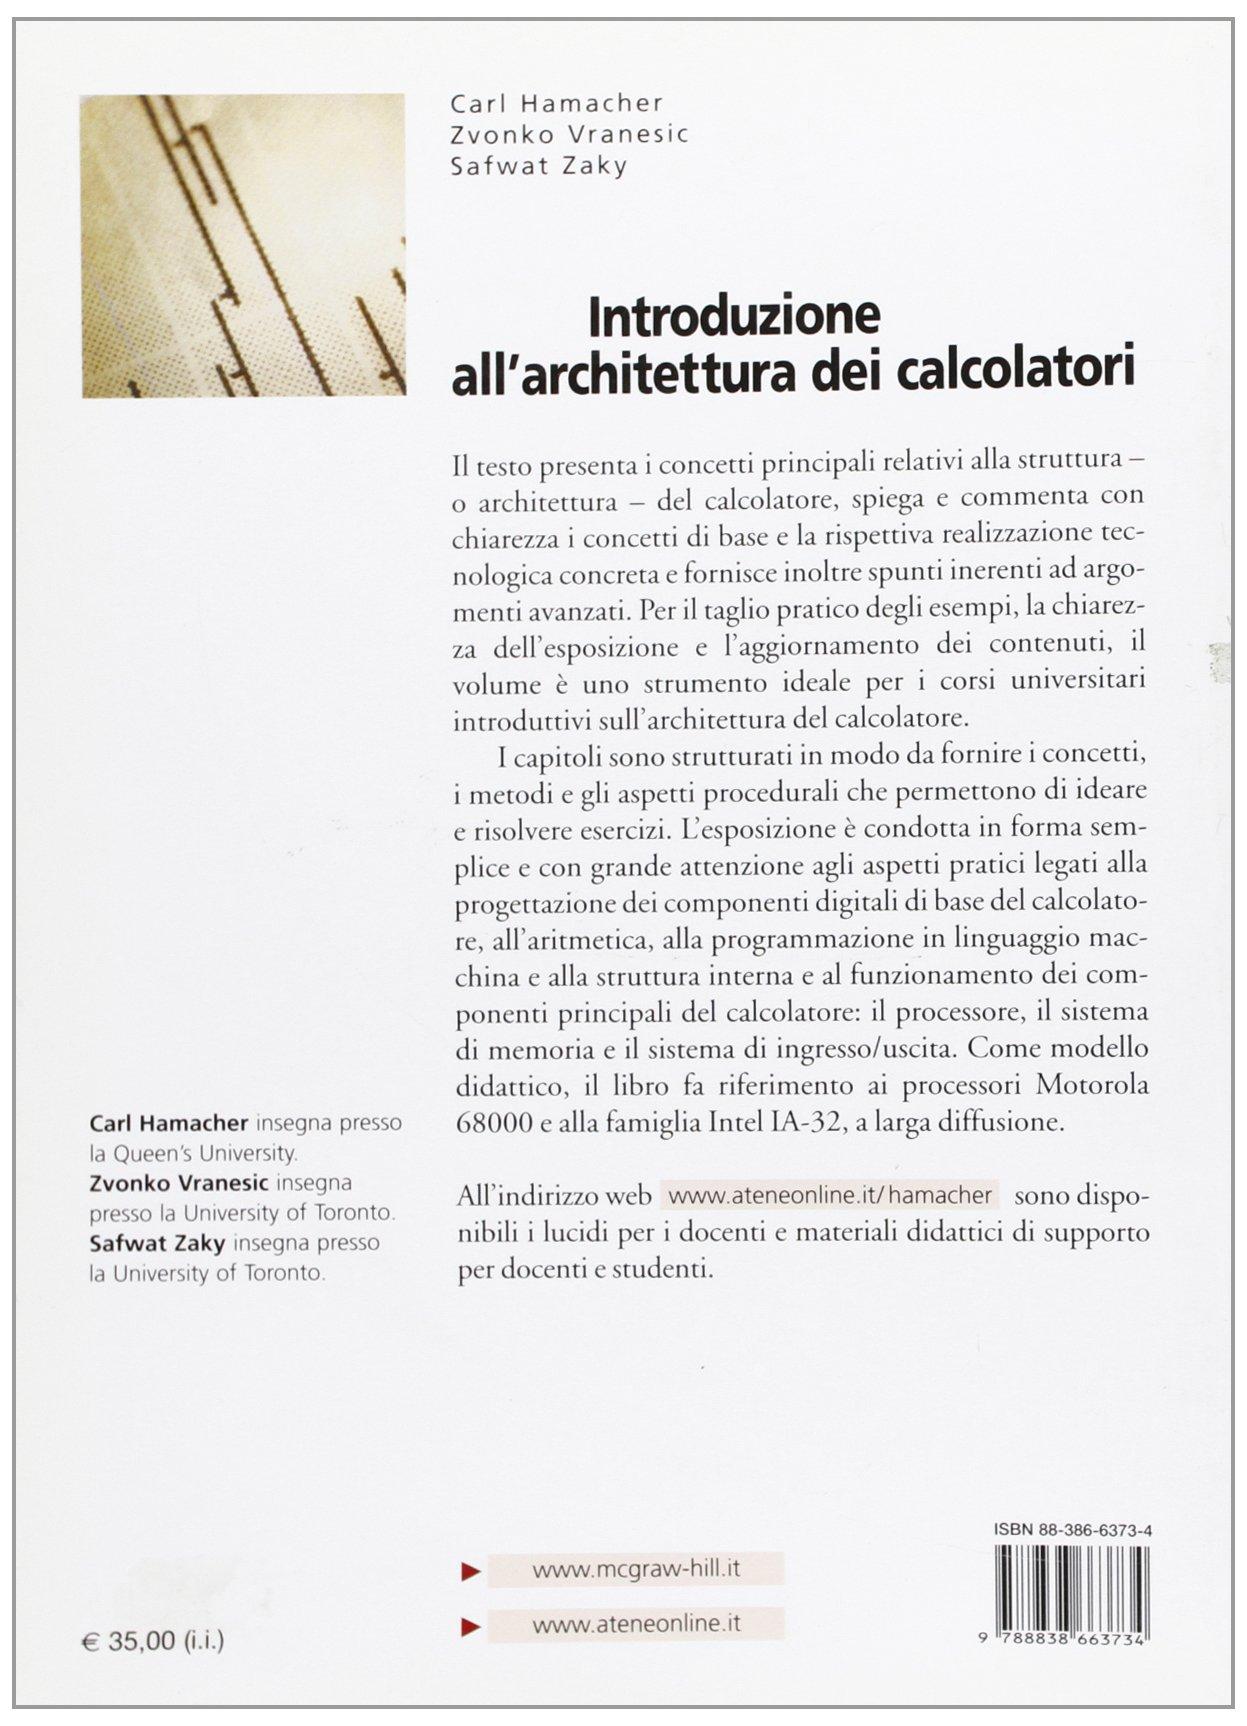 Mcgraw introduzione allarchitettura pdf hill calcolatori dei